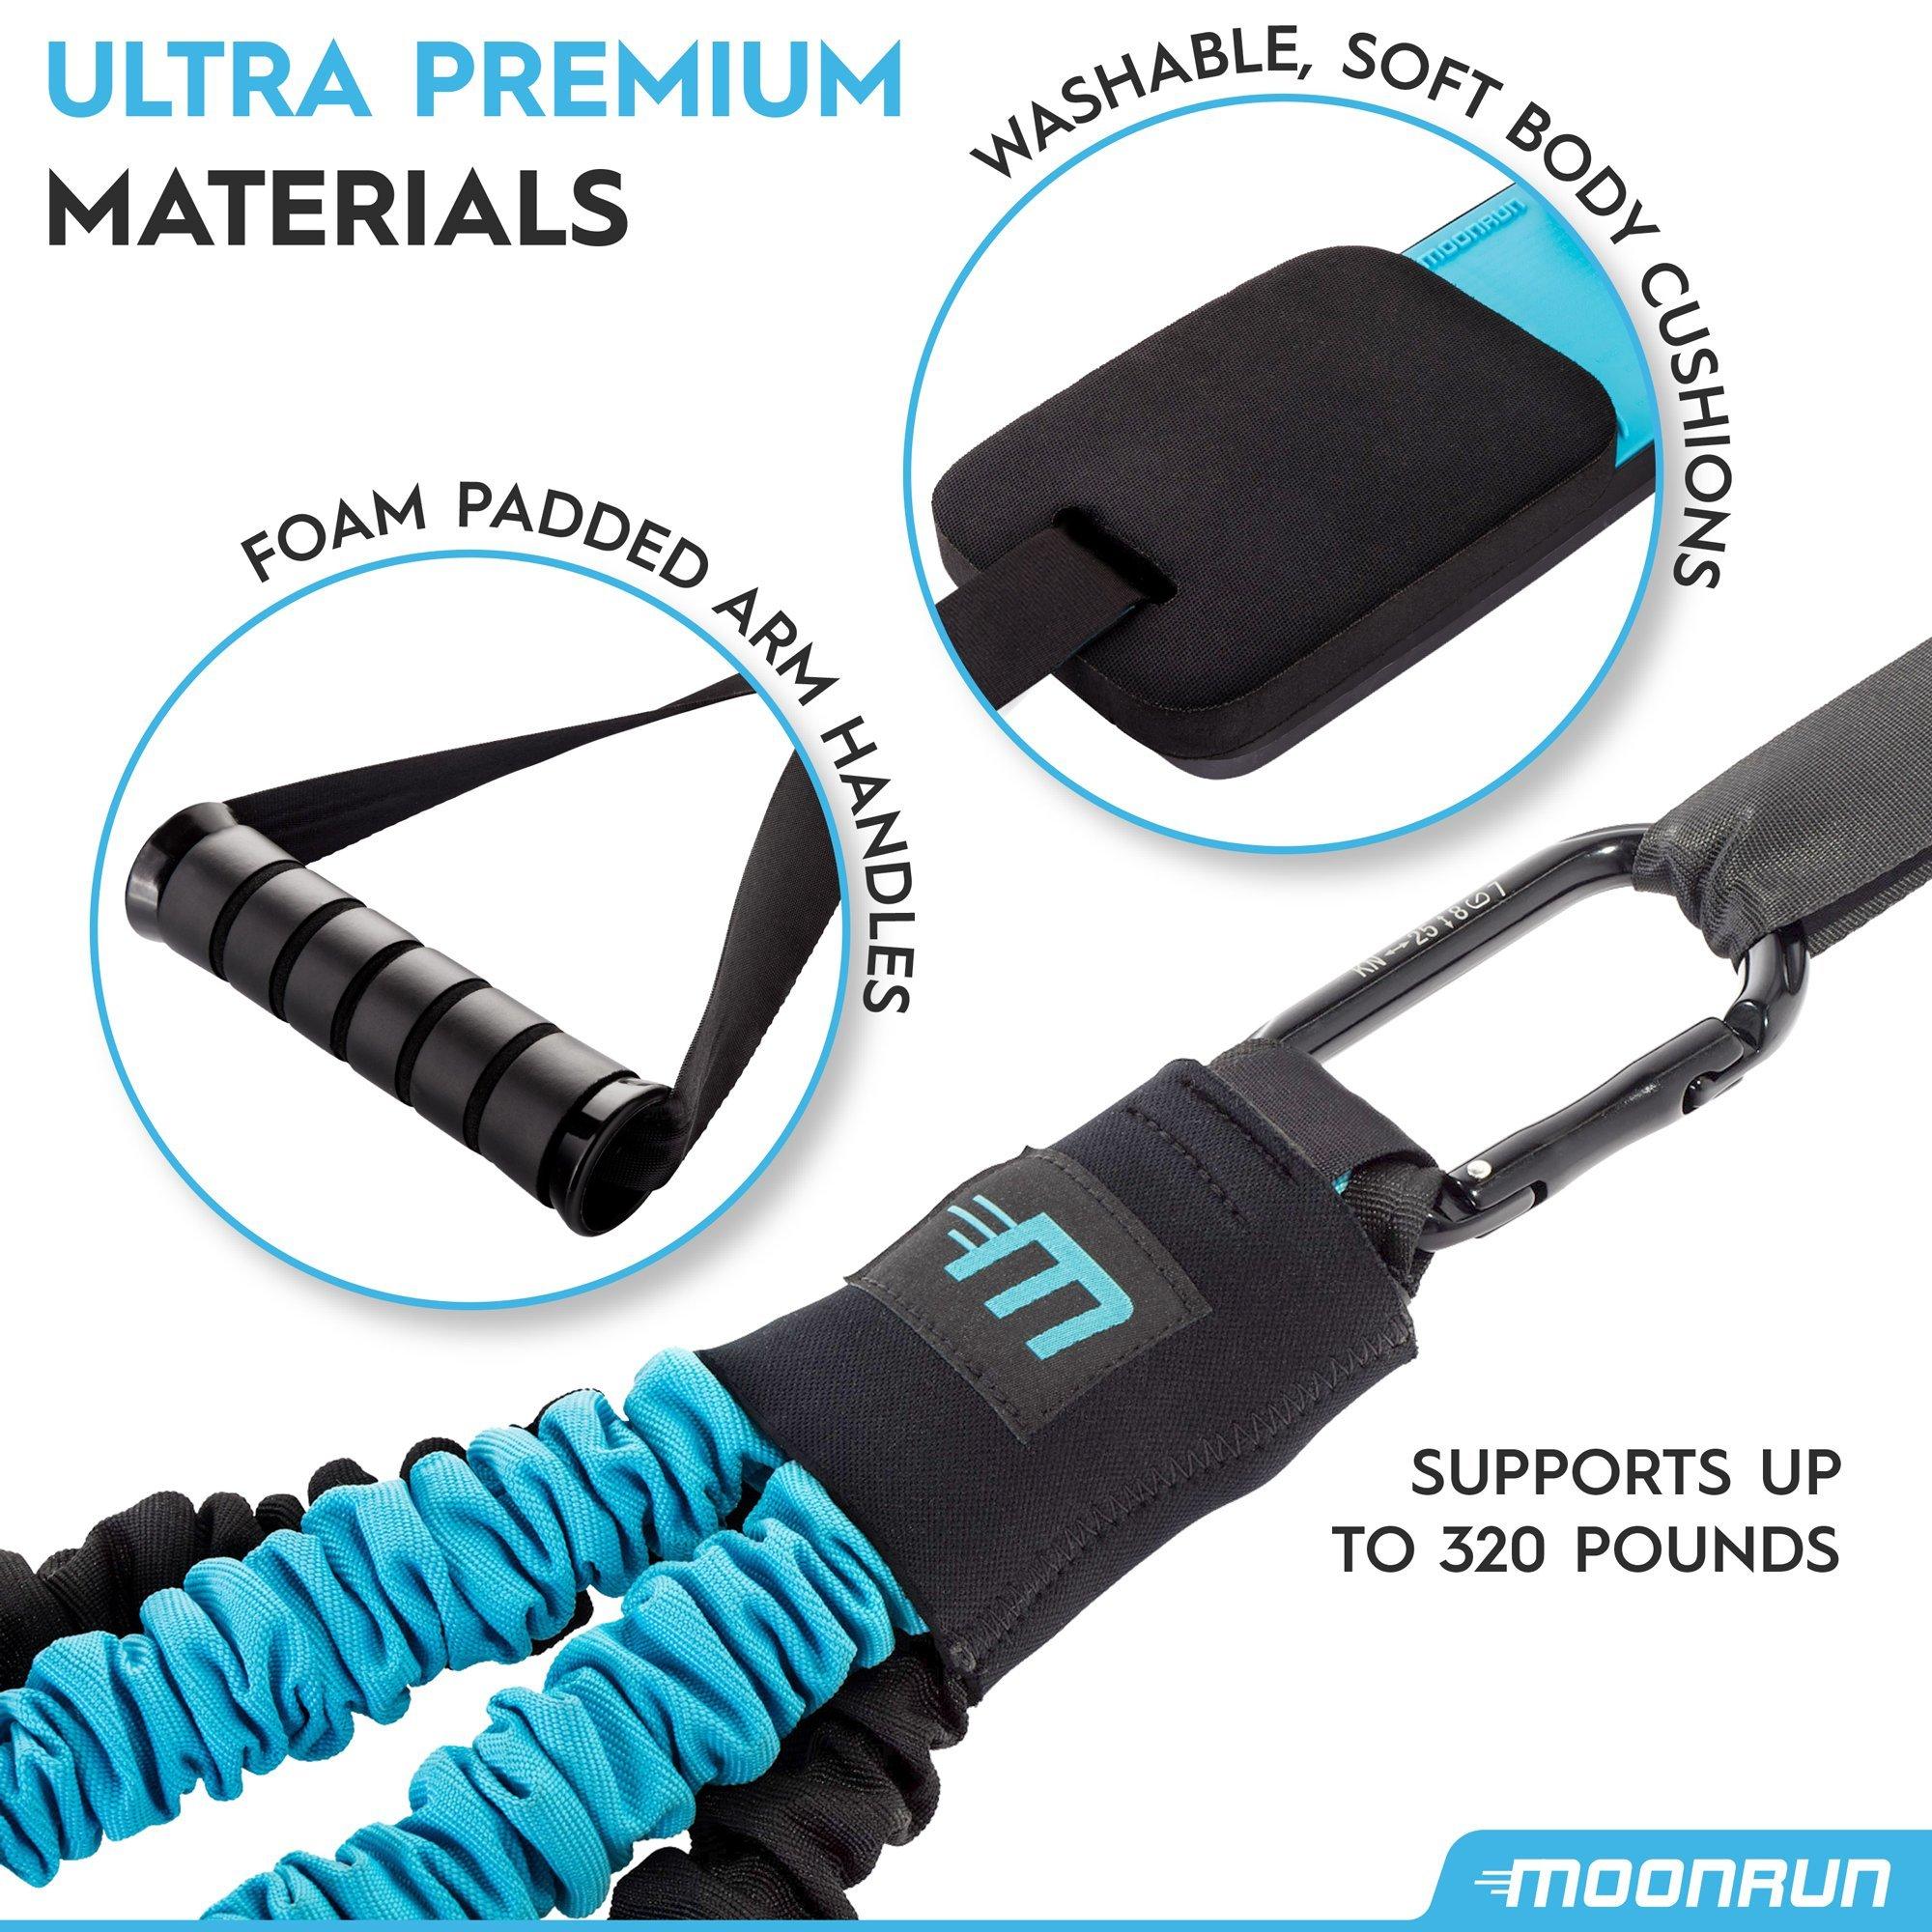 MoonRun features